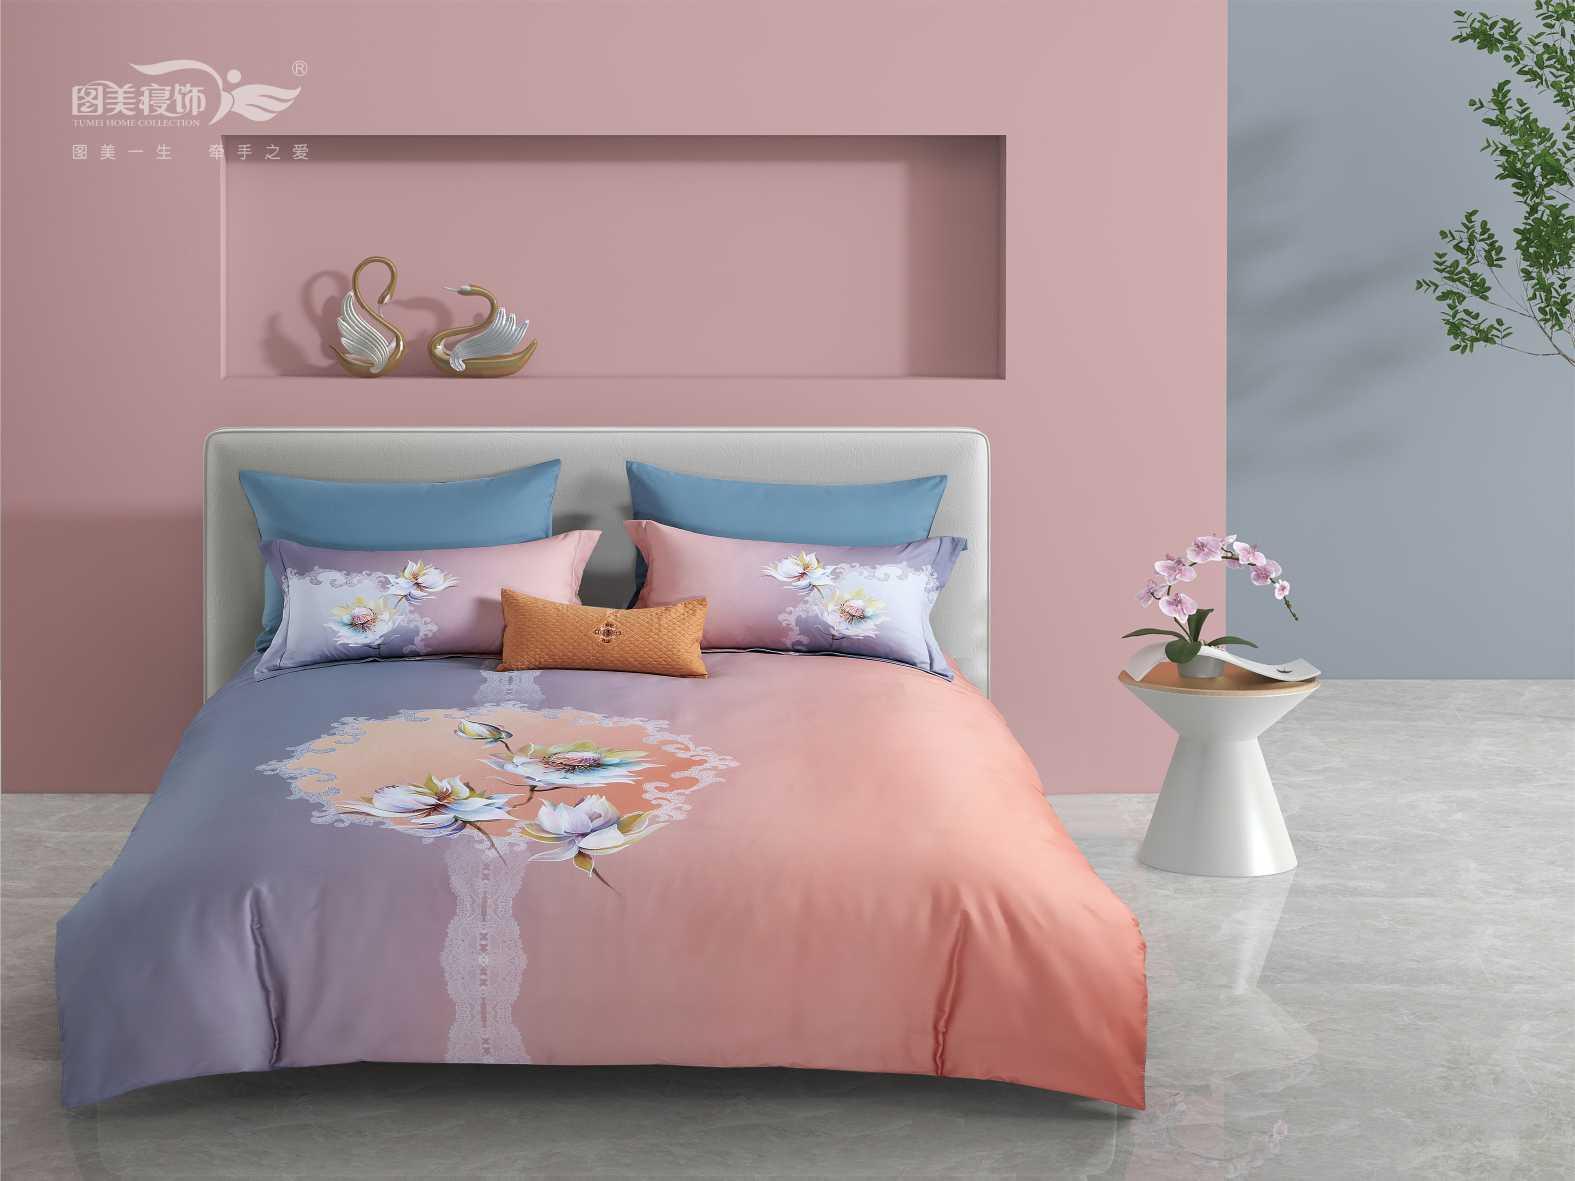 全棉醇淨暖絨床蓋四件套- 夢妝花園